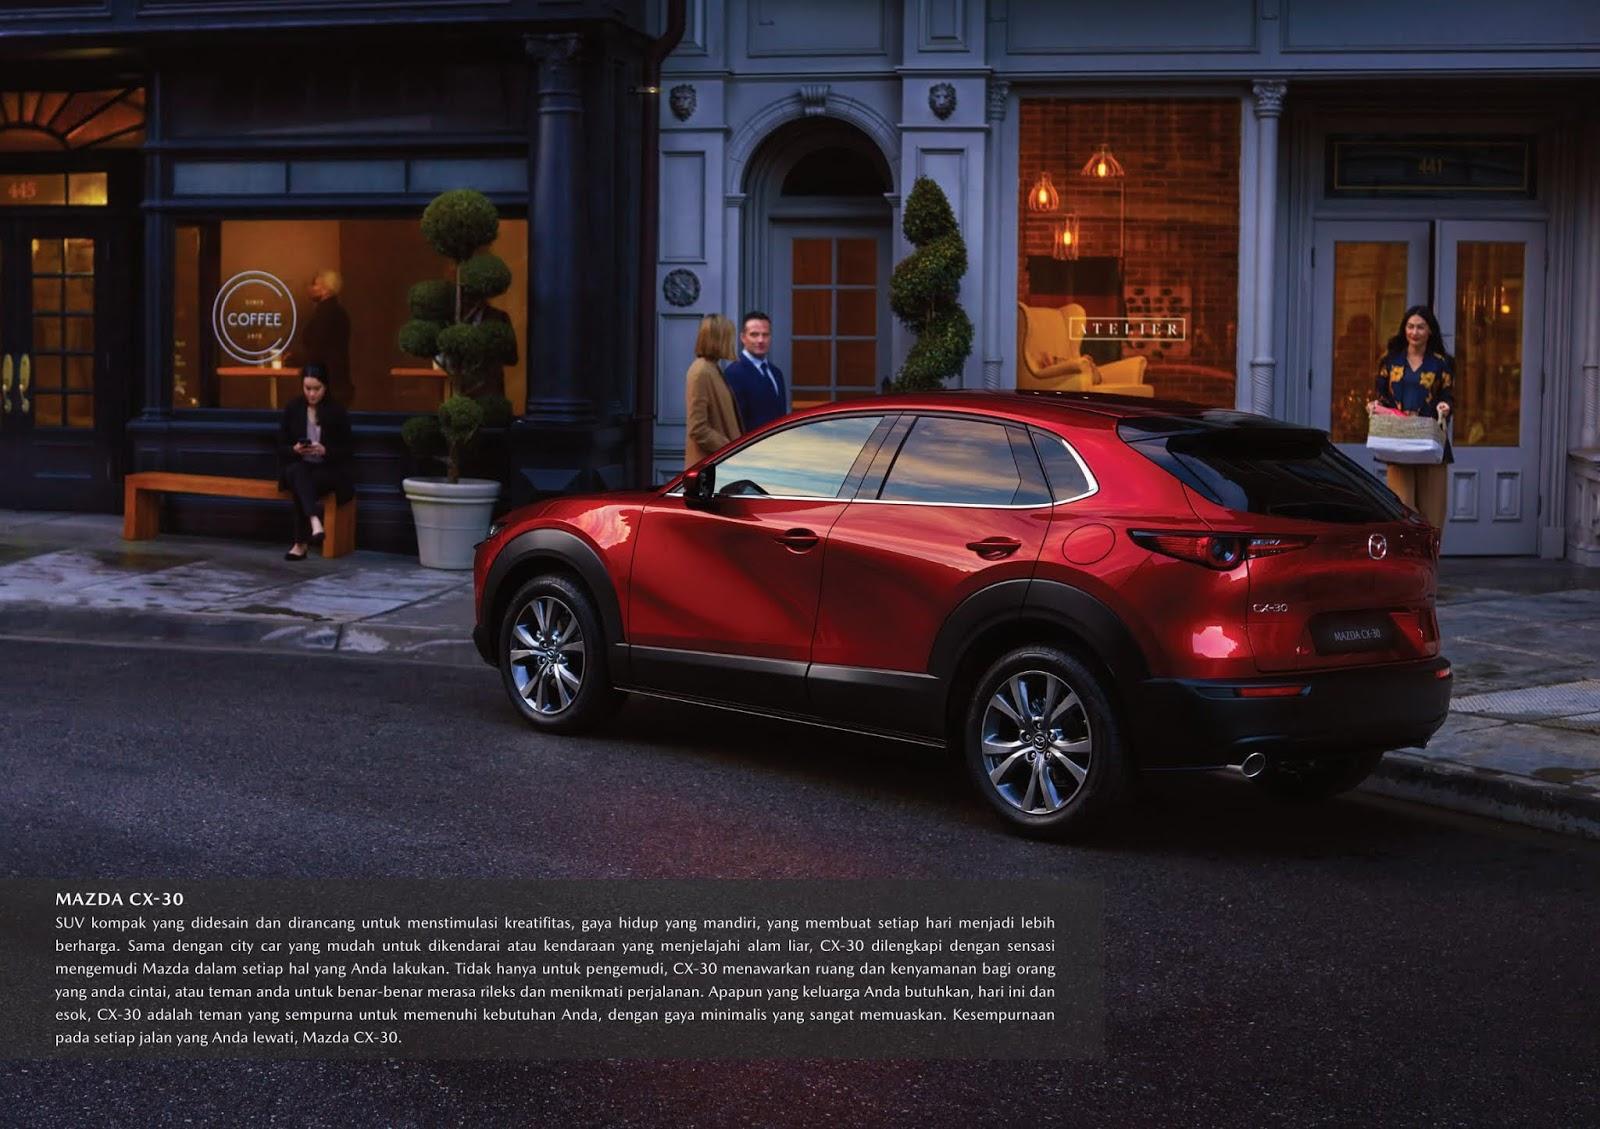 New Mazda CX-30, Promo Mazda CX-30 Bali & Harga Mazda CX-30 Bali